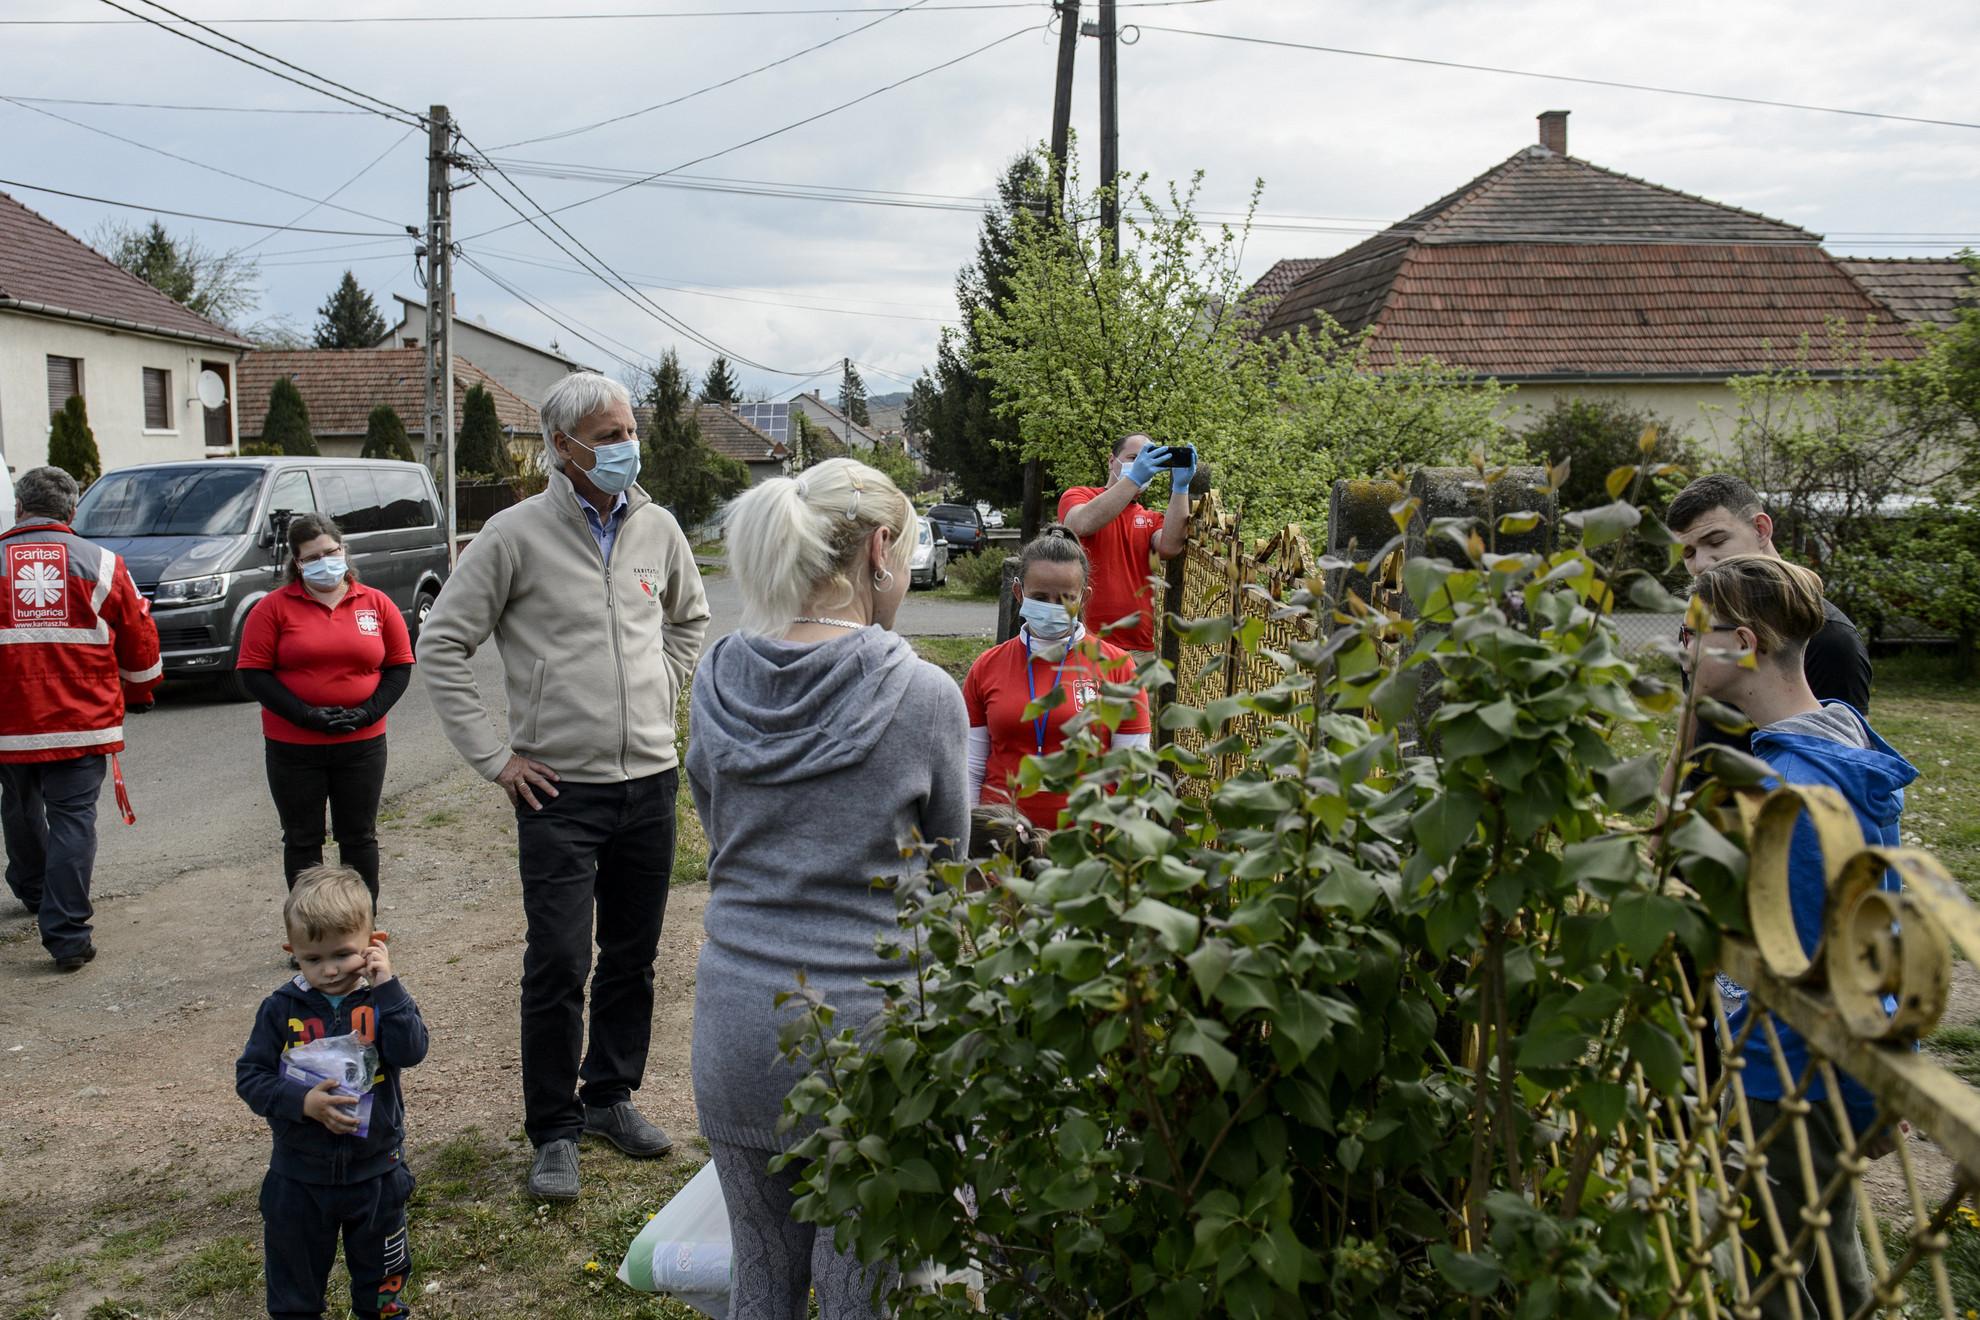 Soltész Miklós, a Miniszterelnökség egyházi és nemzetiségi kapcsolatokért felelős államtitkára, a Nemzeti Humanitárius Koordinációs Tanács (NHKT) elnöke (b4) a segélycsomagok átadása után egy családdal beszélget Pétervásárán 2020. április 30-án